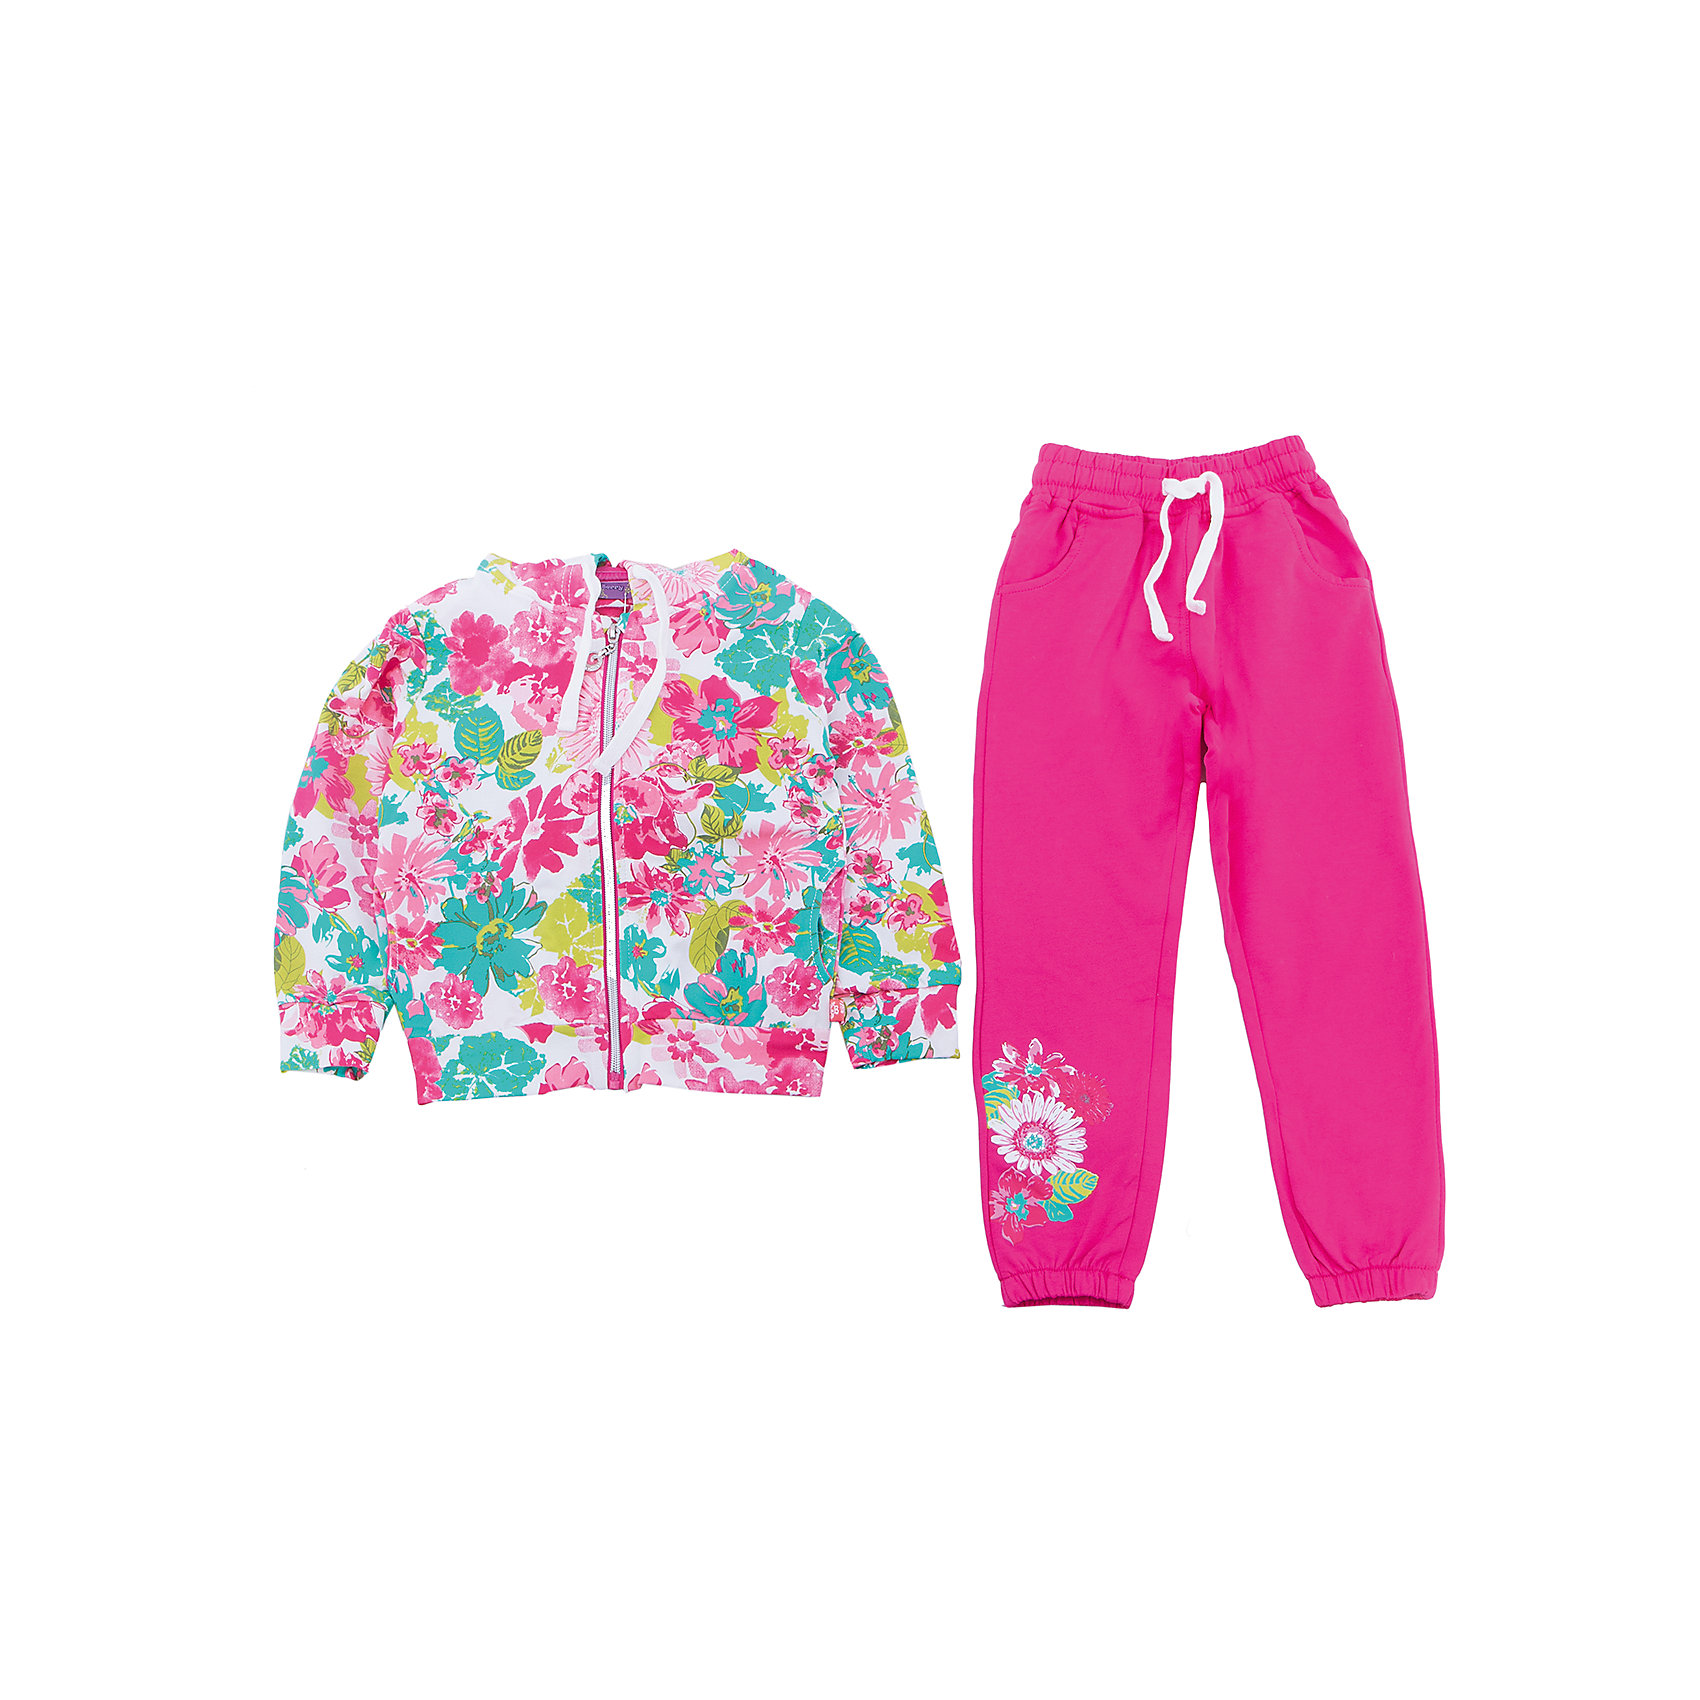 Спортивный костюм для девочки Sweet BerryТрикотажный спортивный костюм для девочки. Куртка из принтованой ткани, застегивается на молнию. Брюки спортивного стиля с зауженным низом собранные на мягкую резинку Декорированые аппликацией. Пояс-резинка дополнен шнуром для регулирования объема.<br>Состав:<br>95%хлопок 5%эластан<br><br>Ширина мм: 247<br>Глубина мм: 16<br>Высота мм: 140<br>Вес г: 225<br>Цвет: разноцветный<br>Возраст от месяцев: 36<br>Возраст до месяцев: 48<br>Пол: Женский<br>Возраст: Детский<br>Размер: 104,98,110,116,122,128<br>SKU: 5412569